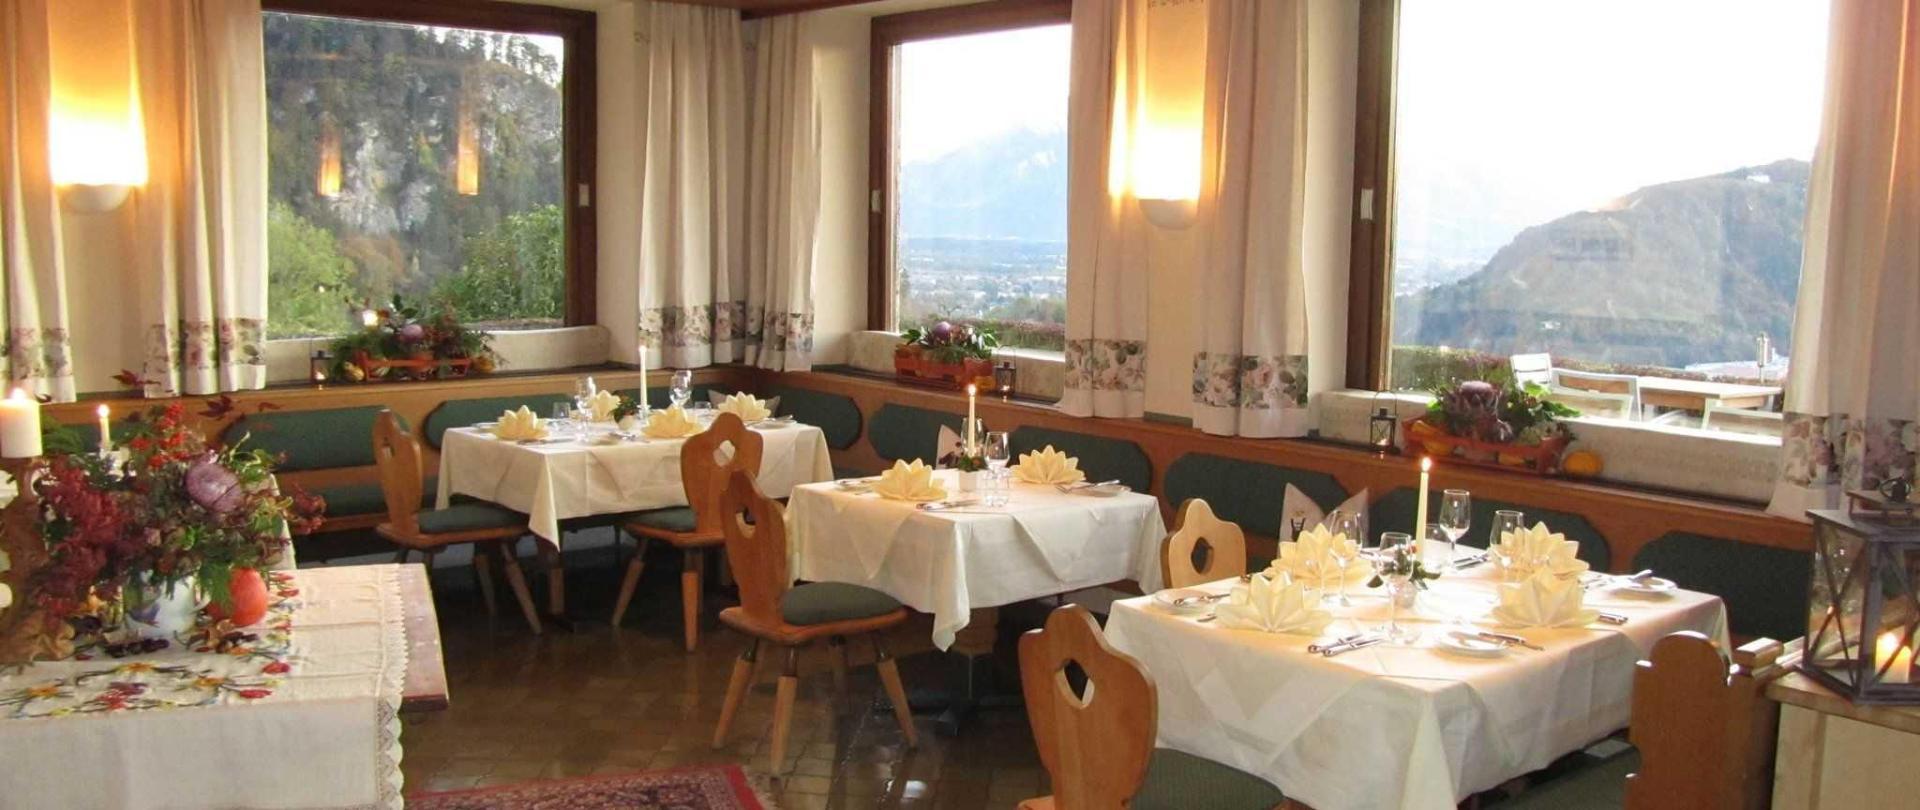 Hotel Schone Aussicht Salzburg Austria